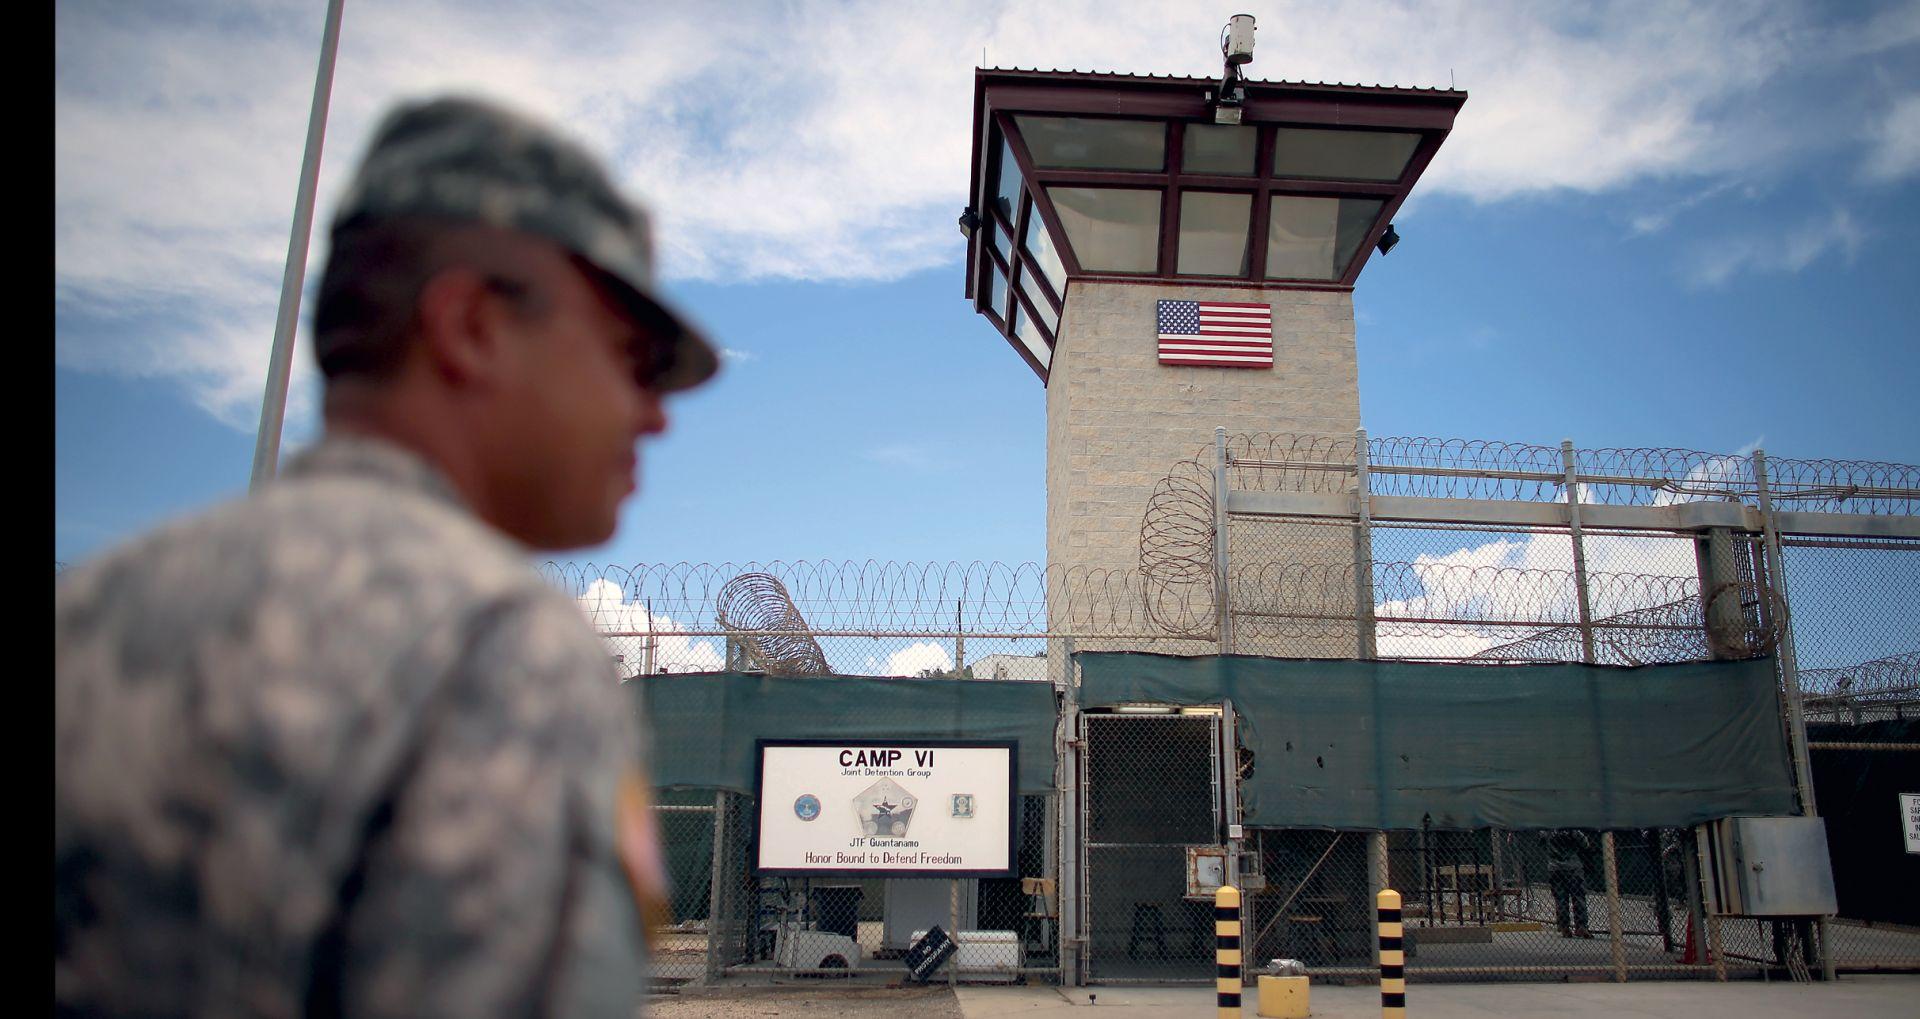 FELJTON Ispovijed zatočenika u Guantanamu